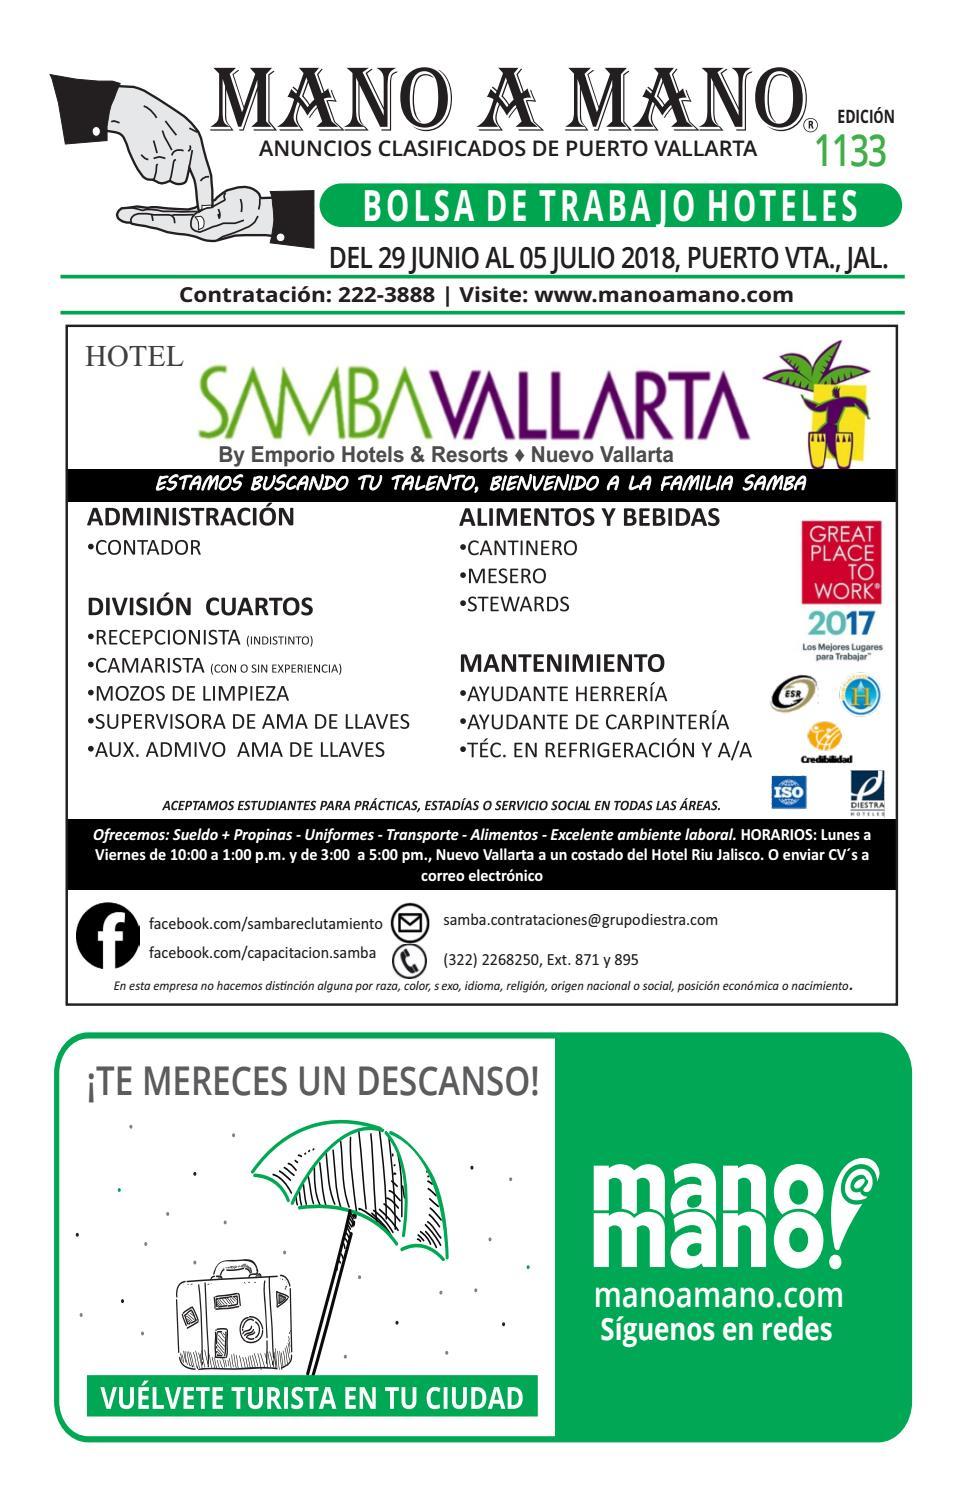 Bolsa trabajo hoteles 1133 by MANO A MANO - issuu